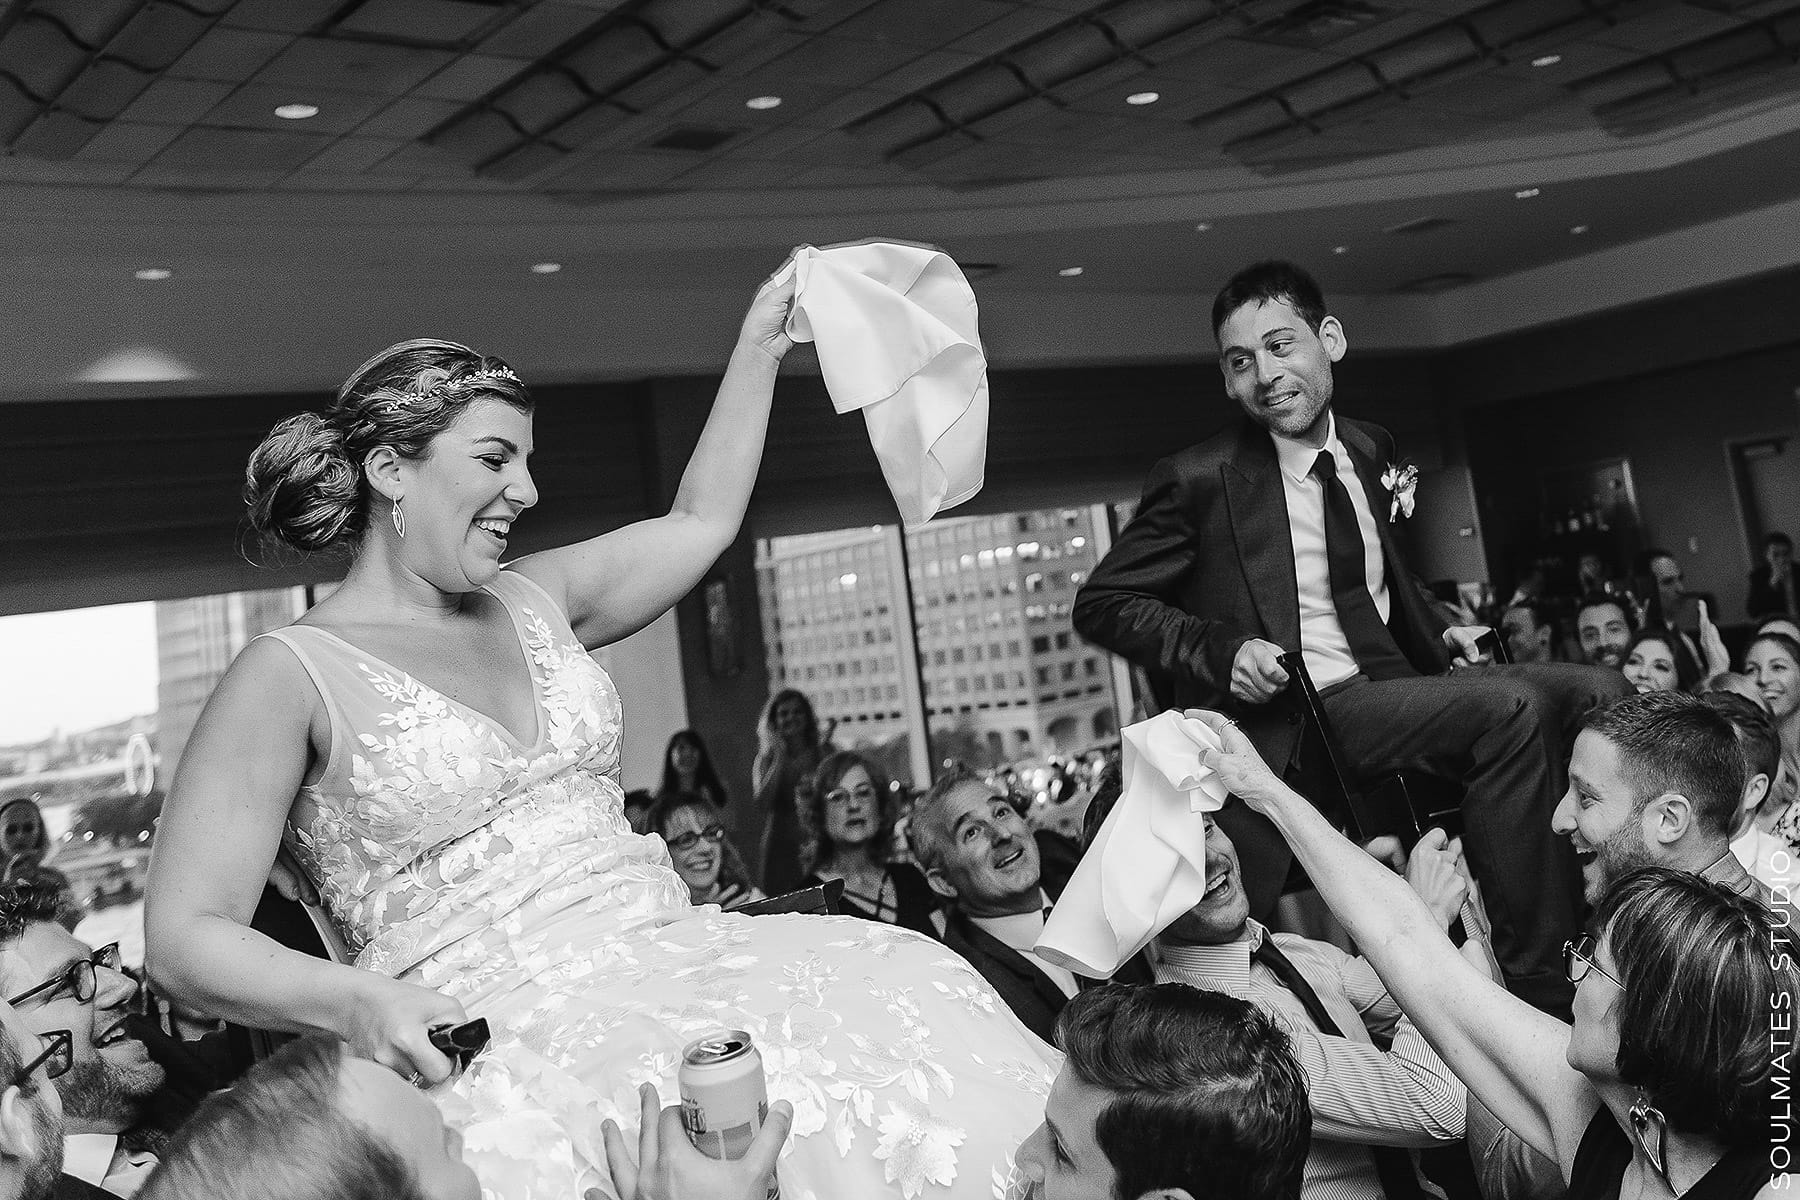 Hora dance at the New Jersey Hyatt Regency Wedding Reception